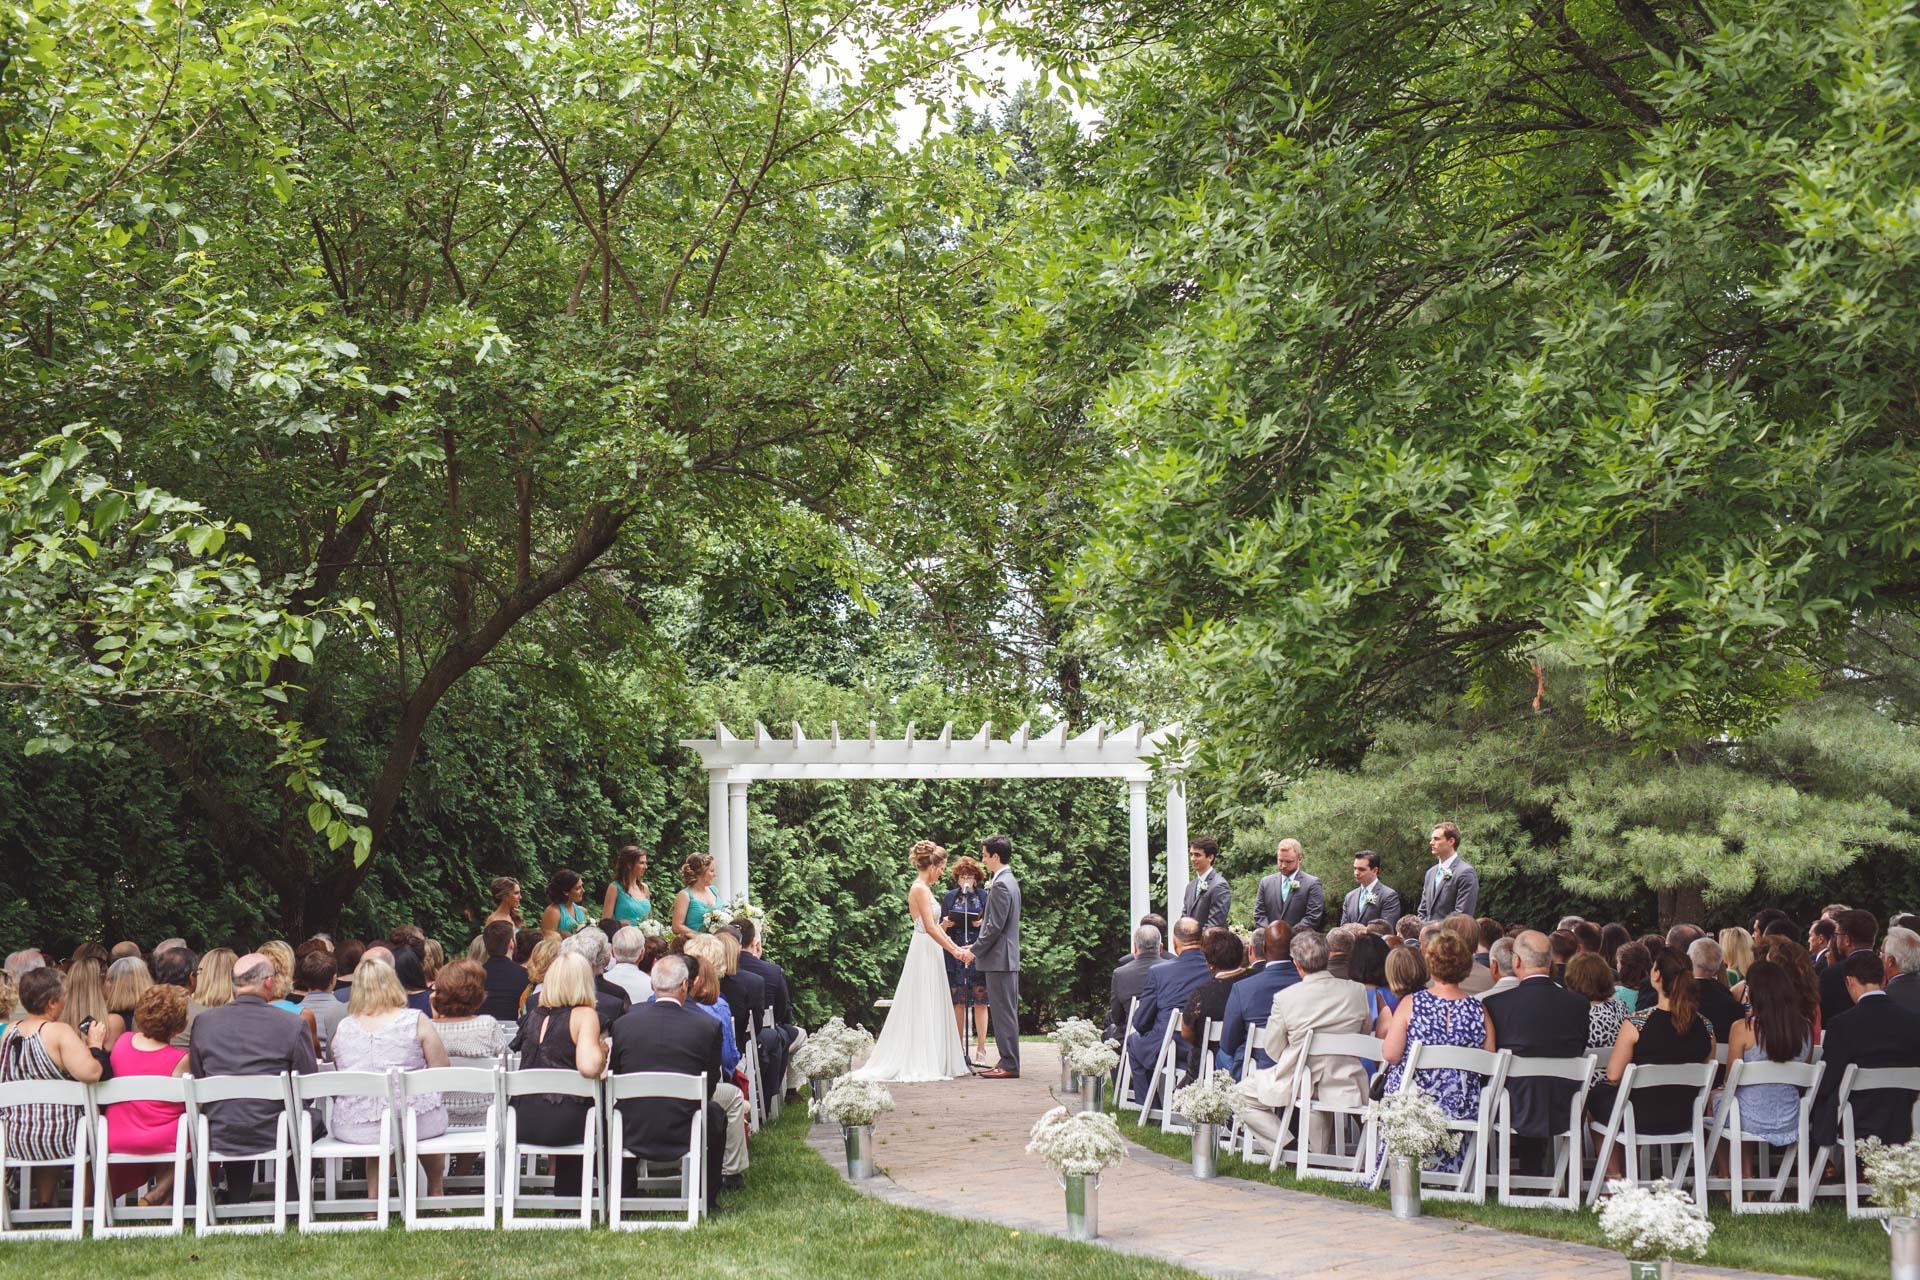 Farmington-Gardens-Wedding-Photos (32 of 66).jpg